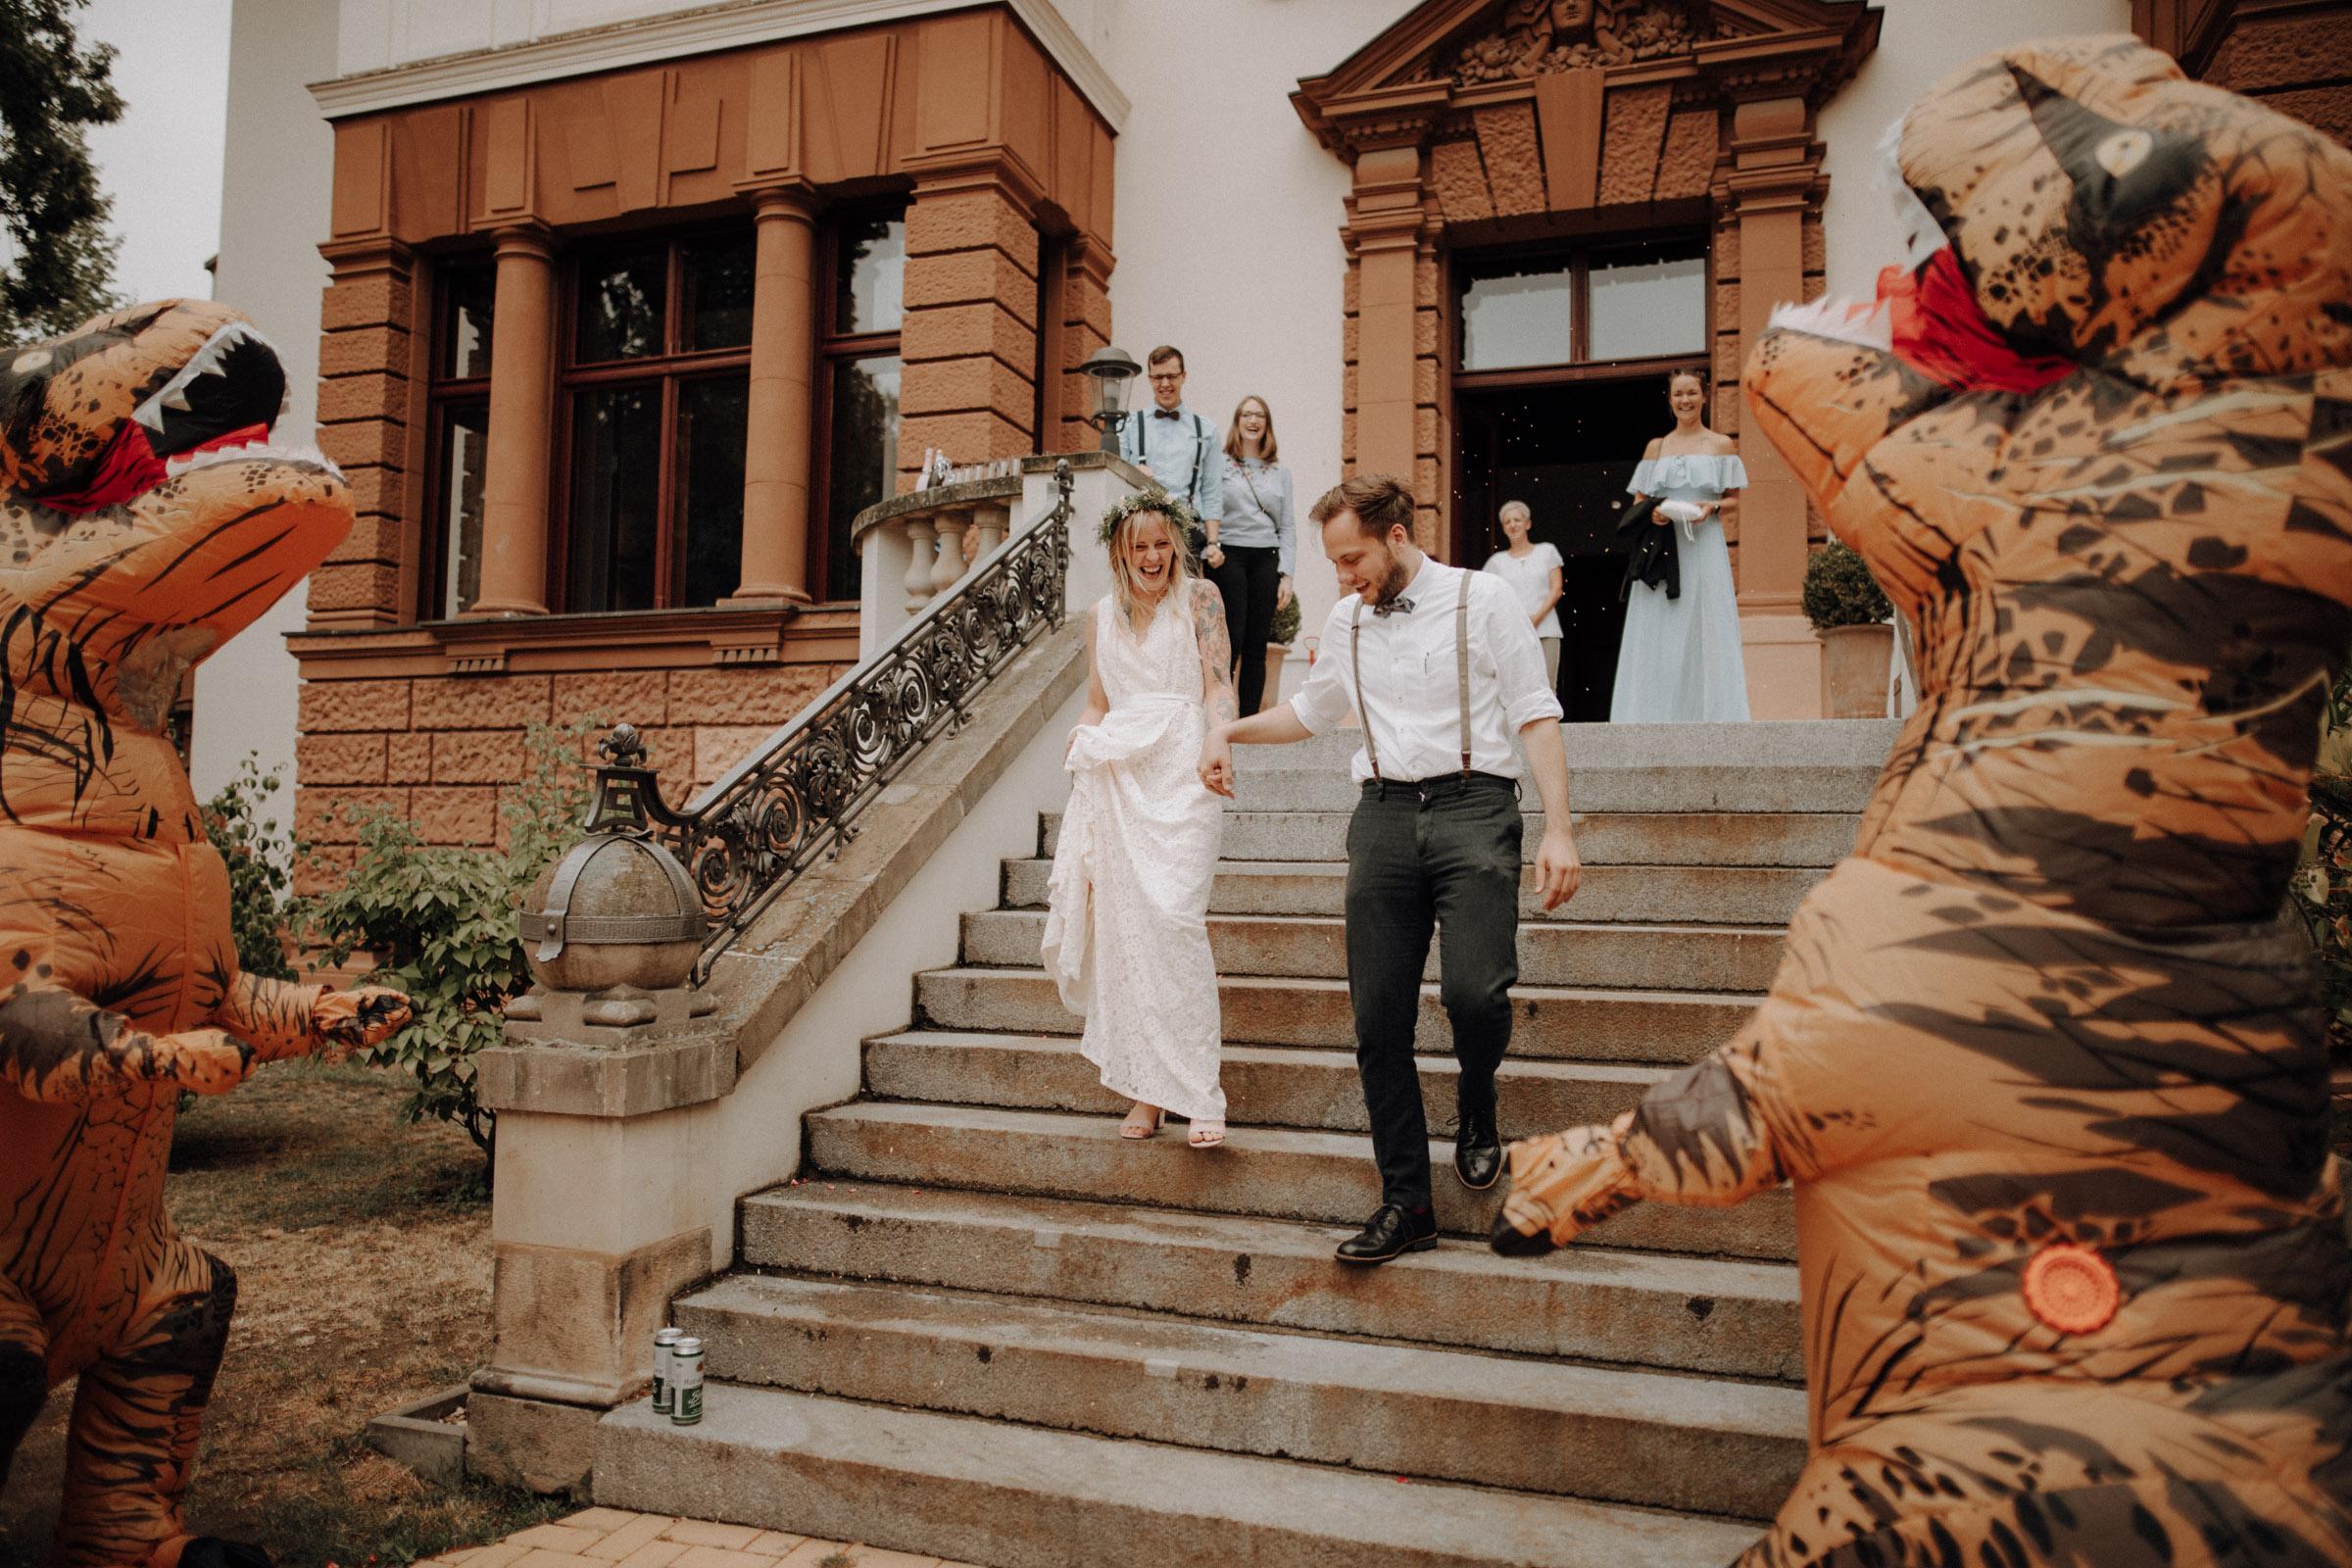 Hochzeitsfotograf Magdeburg Hochzeitsfotografie Magdeburg